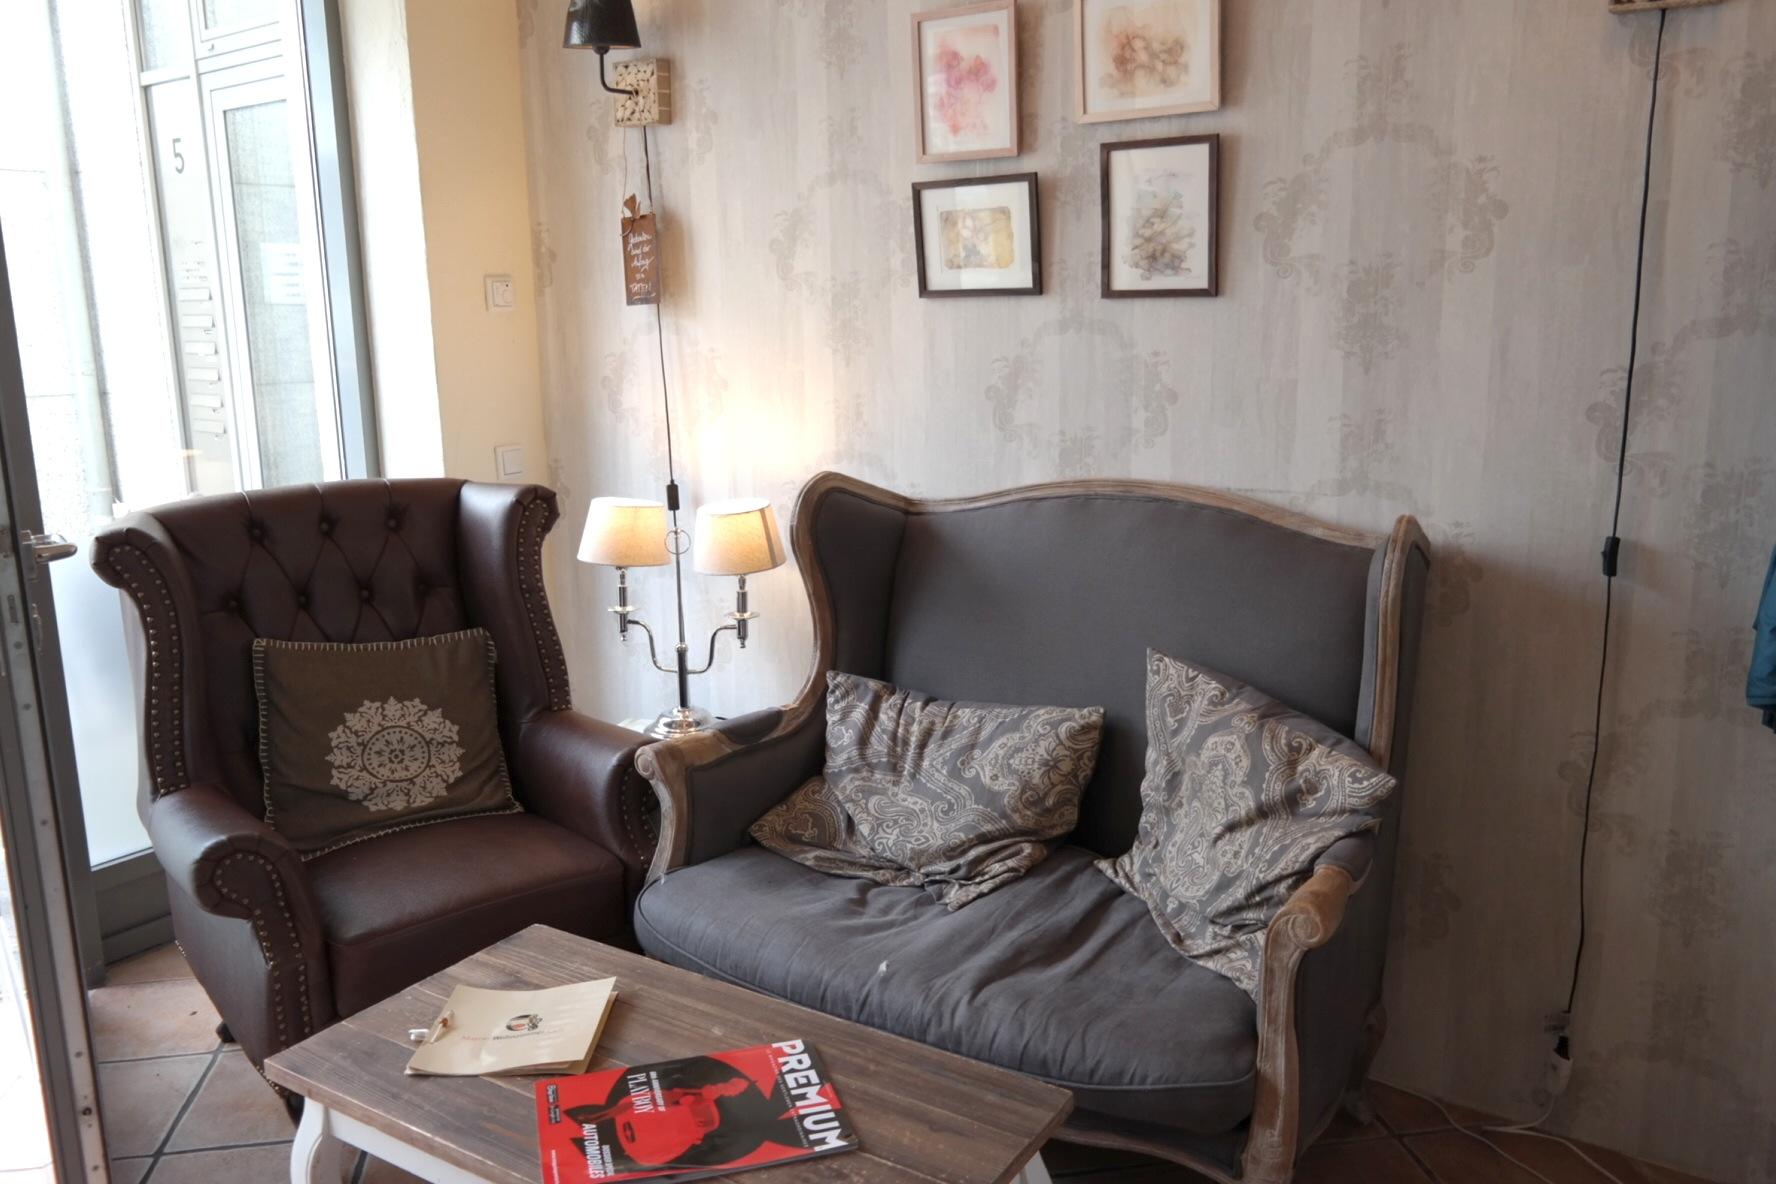 cafe wohnzimmer | bnbnews.co, Wohnzimmer